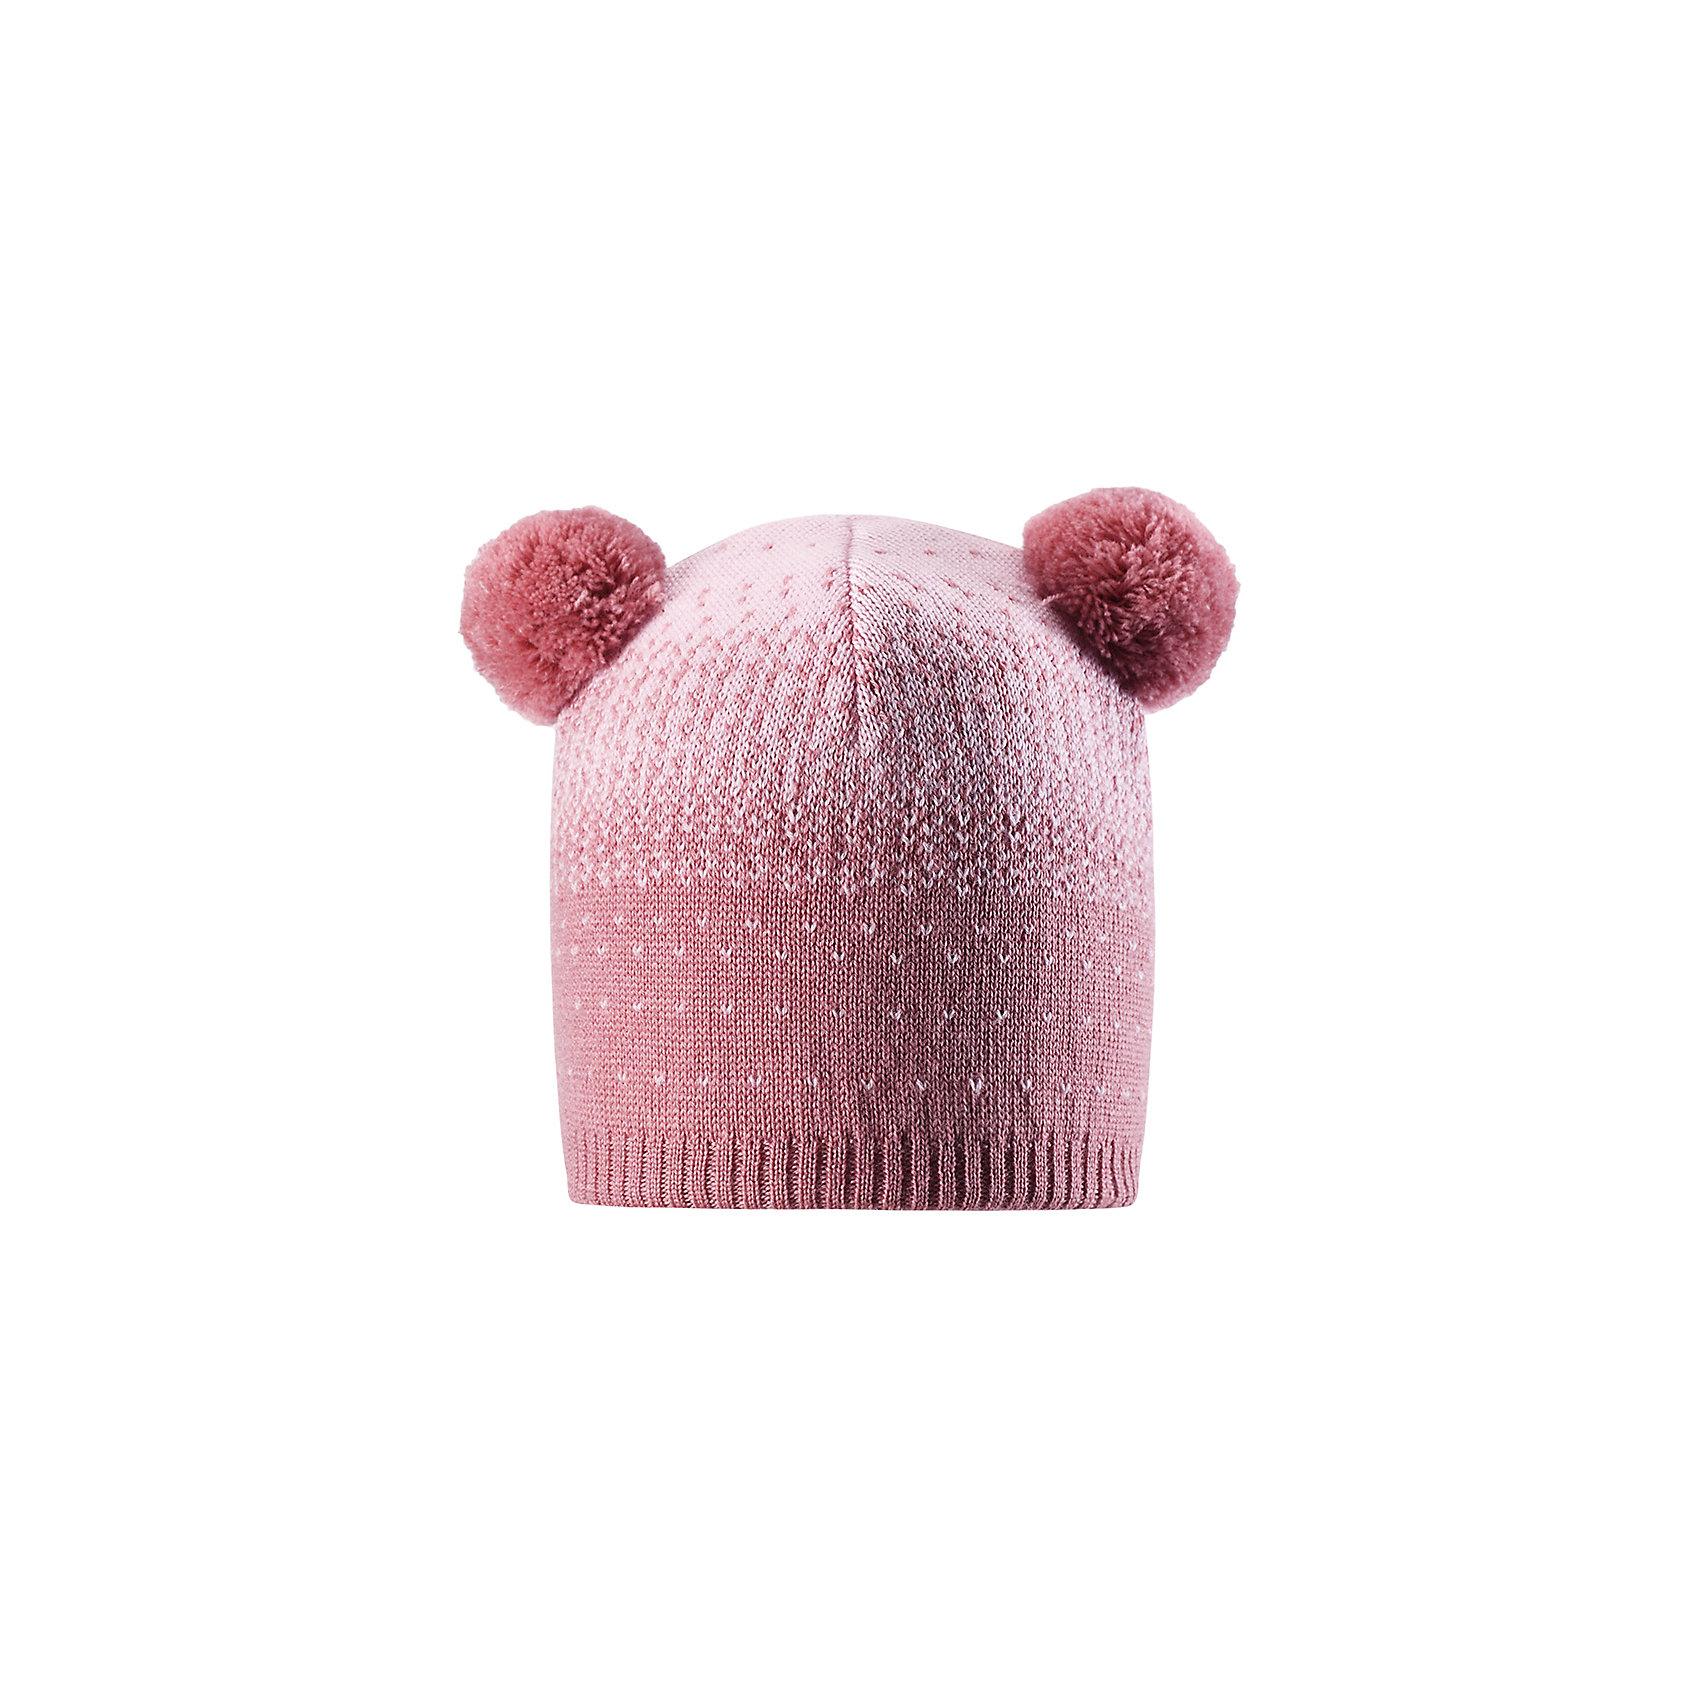 Шапка Reima Saana для девочкиШапки и шарфы<br>Характеристики товара:<br><br>• цвет: розовый;<br>• состав: 100% шерсть;<br>• подкладка: 97% хлопок, 3% эластан;<br>• без дополнительного утепления;<br>• сезон: зима;<br>• температурный режим: от 0 до -20С;<br>• мягкая ткань из мериносовой шерсти для поддержания идеальной температуры тела;<br>• ветронепроницаемые вставки в области ушей;<br>• сплошная подкладка: хлопковый трикотаж с эластаном;<br>• шапка с двумя помпонами;<br>• логотип Reima® сзади;<br>• страна бренда: Финляндия;<br>• страна изготовитель: Китай.<br><br>Шапка для малышей и детей постарше изготовлена из дышащей и теплой мериносовой шерсти. Мягкая подкладка из хлопчатобумажного трикотажа гарантирует тепло, а ветронепроницаемые вставки между верхним слоем и подкладкой защищают уши. Два помпона на макушке и оригинальный структурный узор.<br><br>Шапку Saana для девочки Reima от финского бренда Reima (Рейма) можно купить в нашем интернет-магазине.<br><br>Ширина мм: 89<br>Глубина мм: 117<br>Высота мм: 44<br>Вес г: 155<br>Цвет: розовый<br>Возраст от месяцев: 84<br>Возраст до месяцев: 144<br>Пол: Женский<br>Возраст: Детский<br>Размер: 56,50,52,54<br>SKU: 6902651